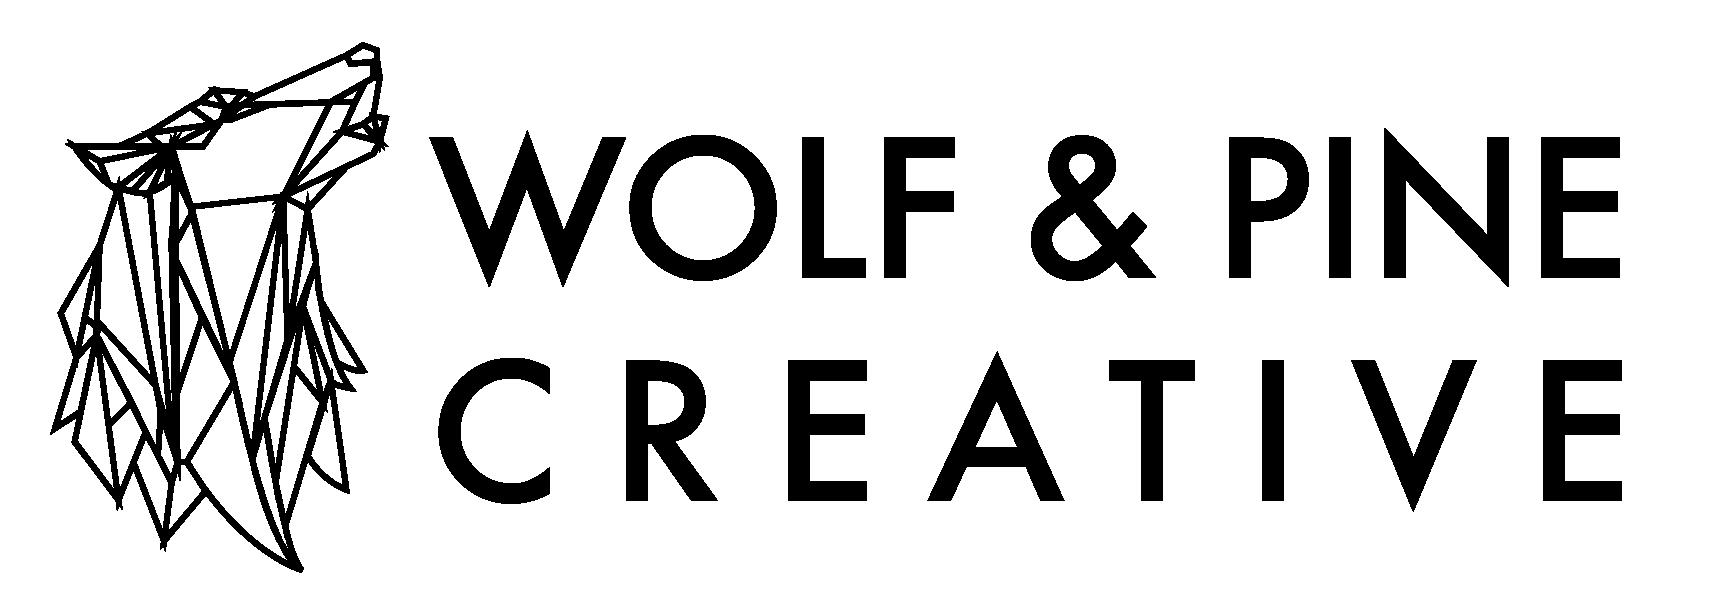 Wolf & Pine